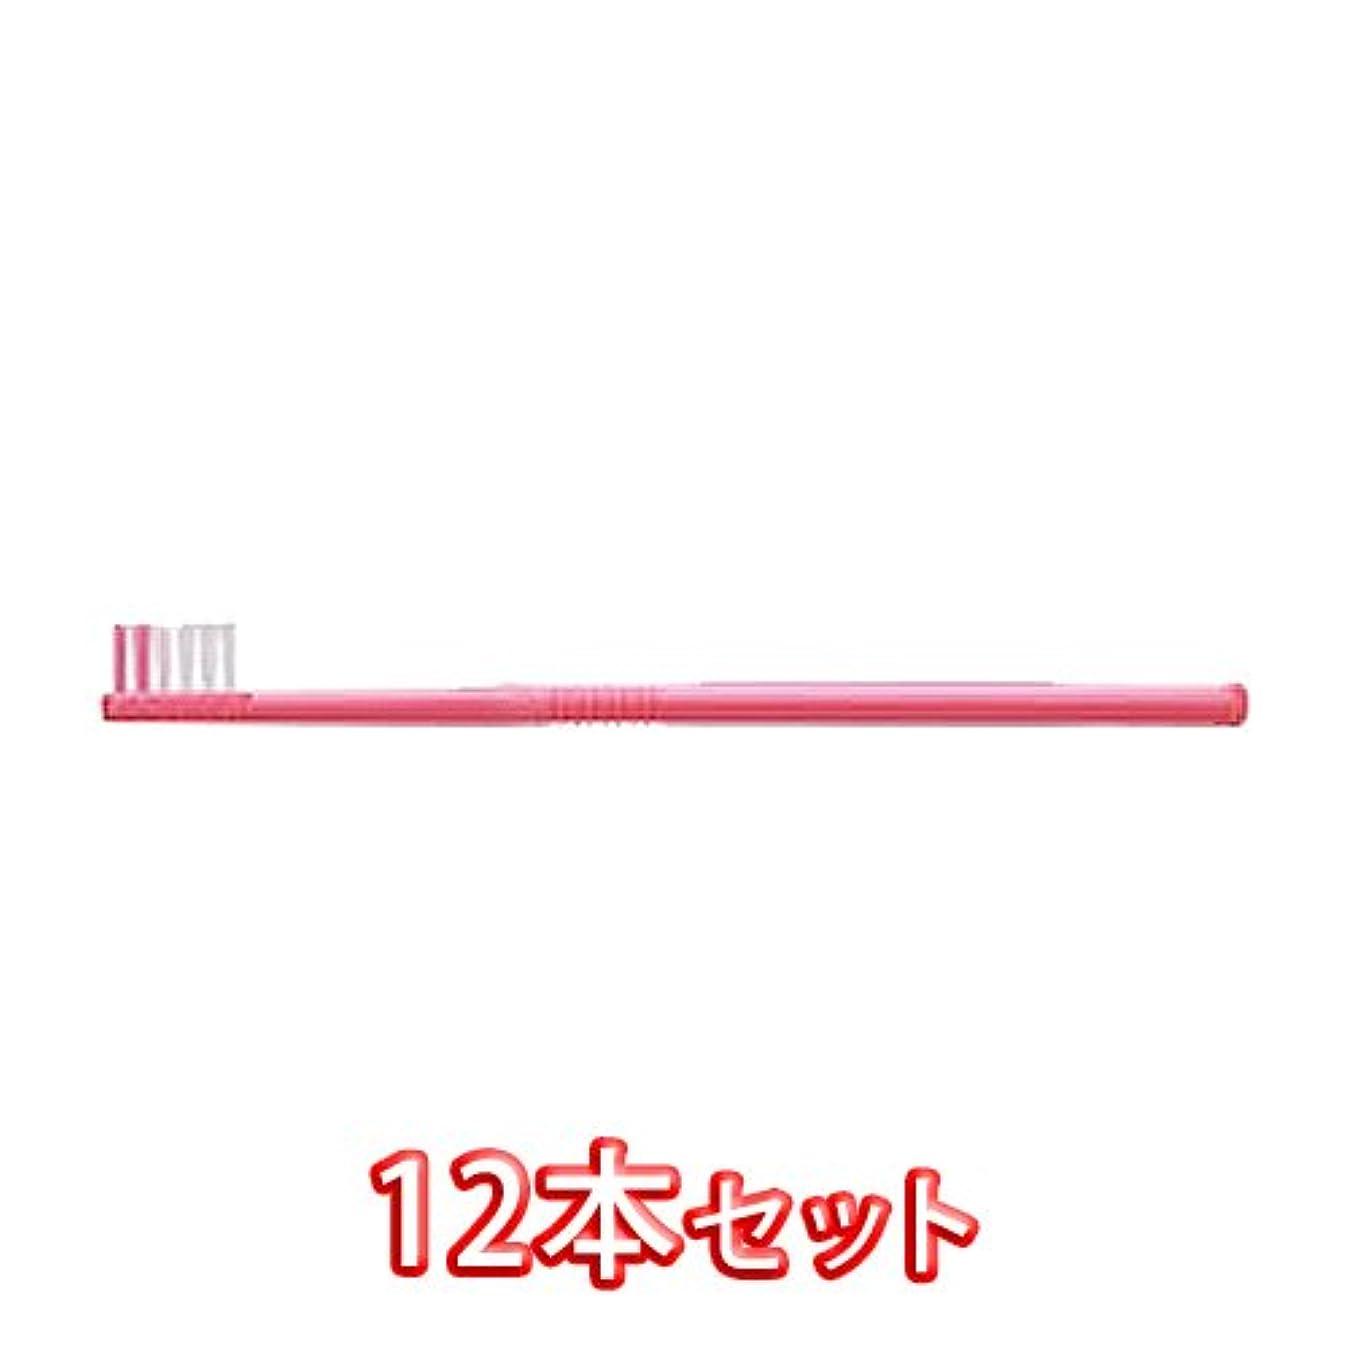 非常に怒っていまする改修するライオン オルソドンティック 歯ブラシ DENT.EX Orthodontic-T 12本入